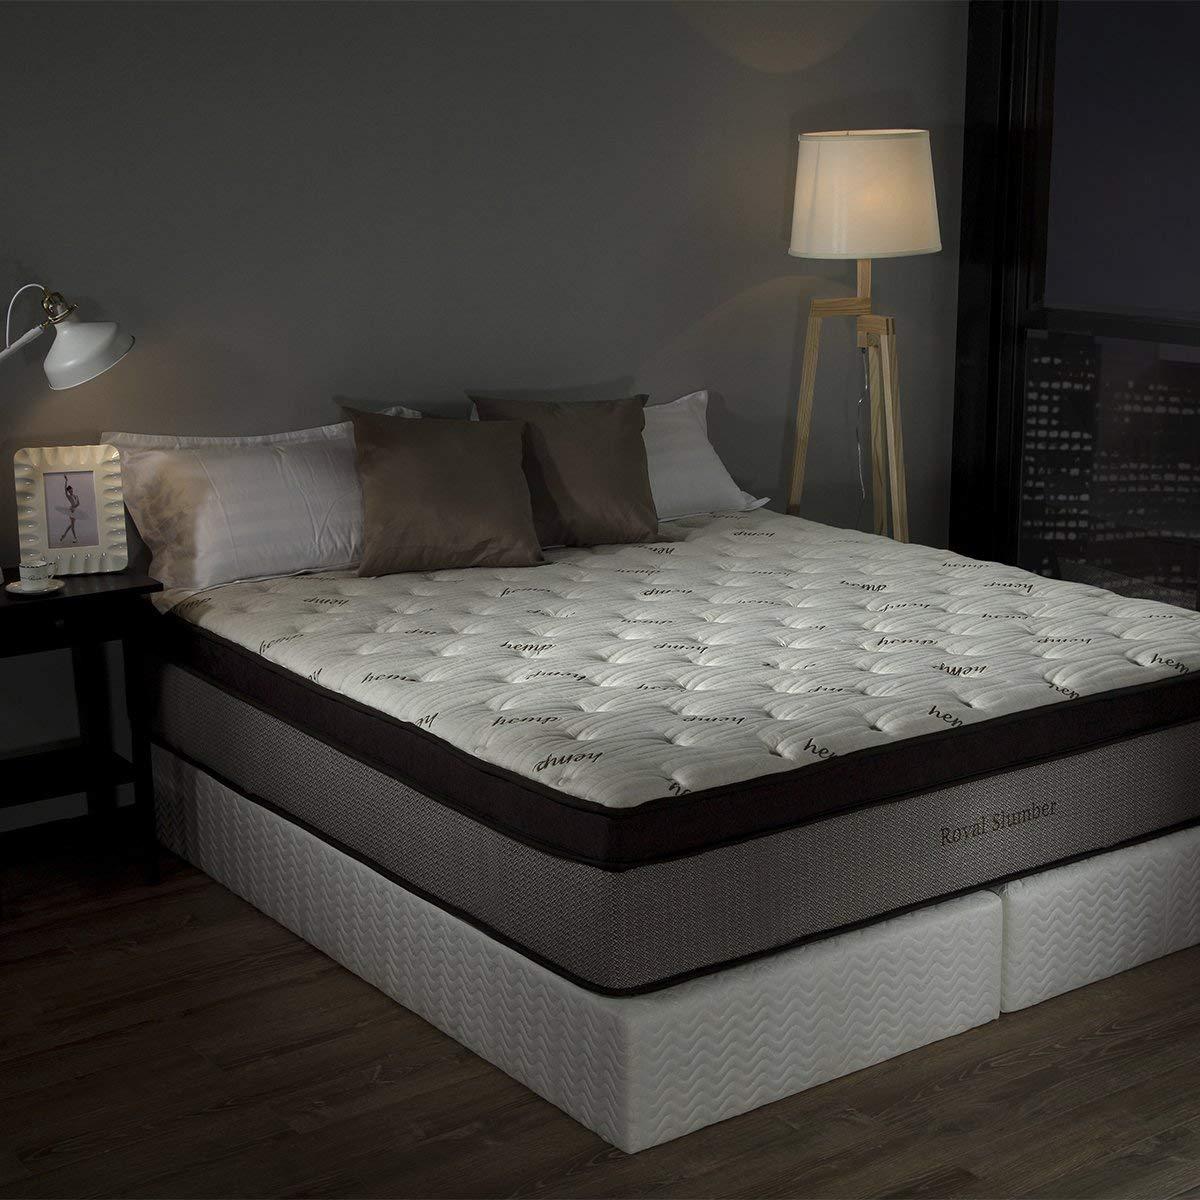 Buy Obusforme Custom Comfort Latex Memory Foam Pillow in ...